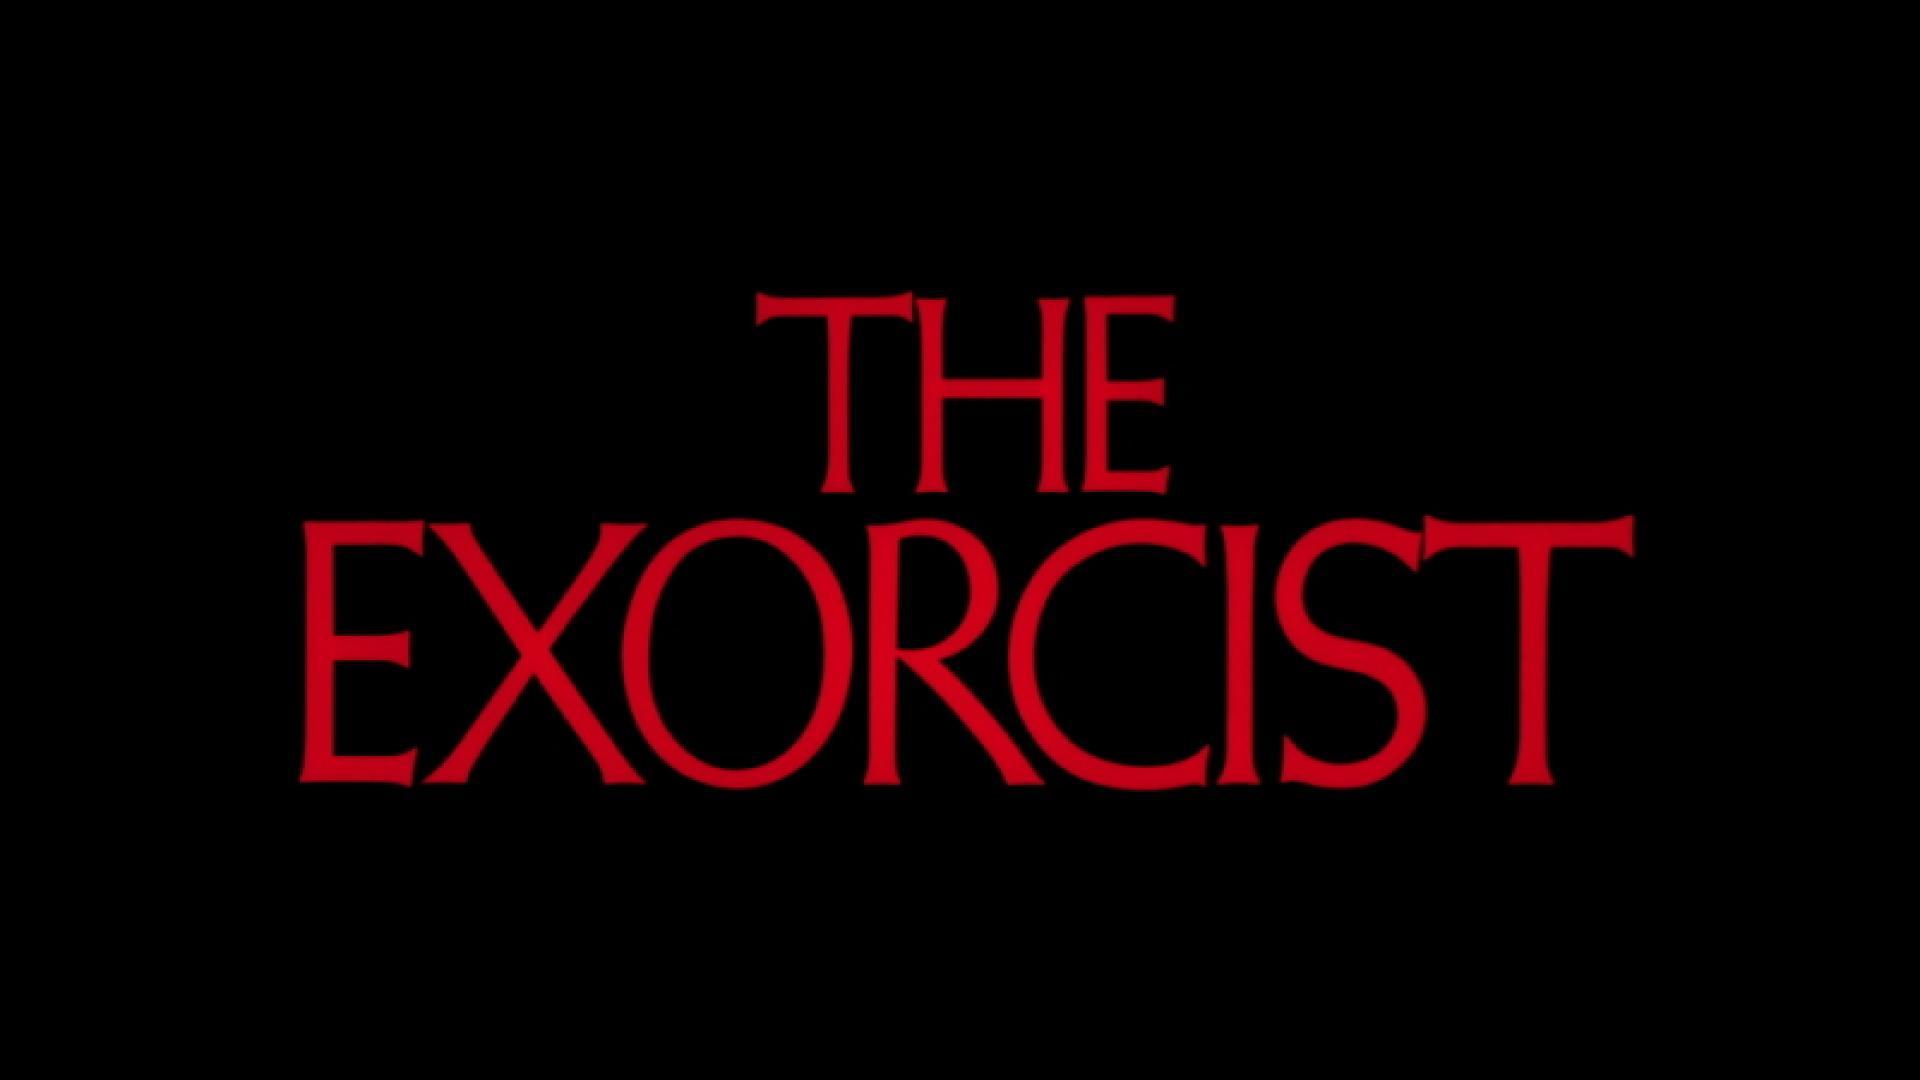 The Exorcist - Az ördögűző (1973)